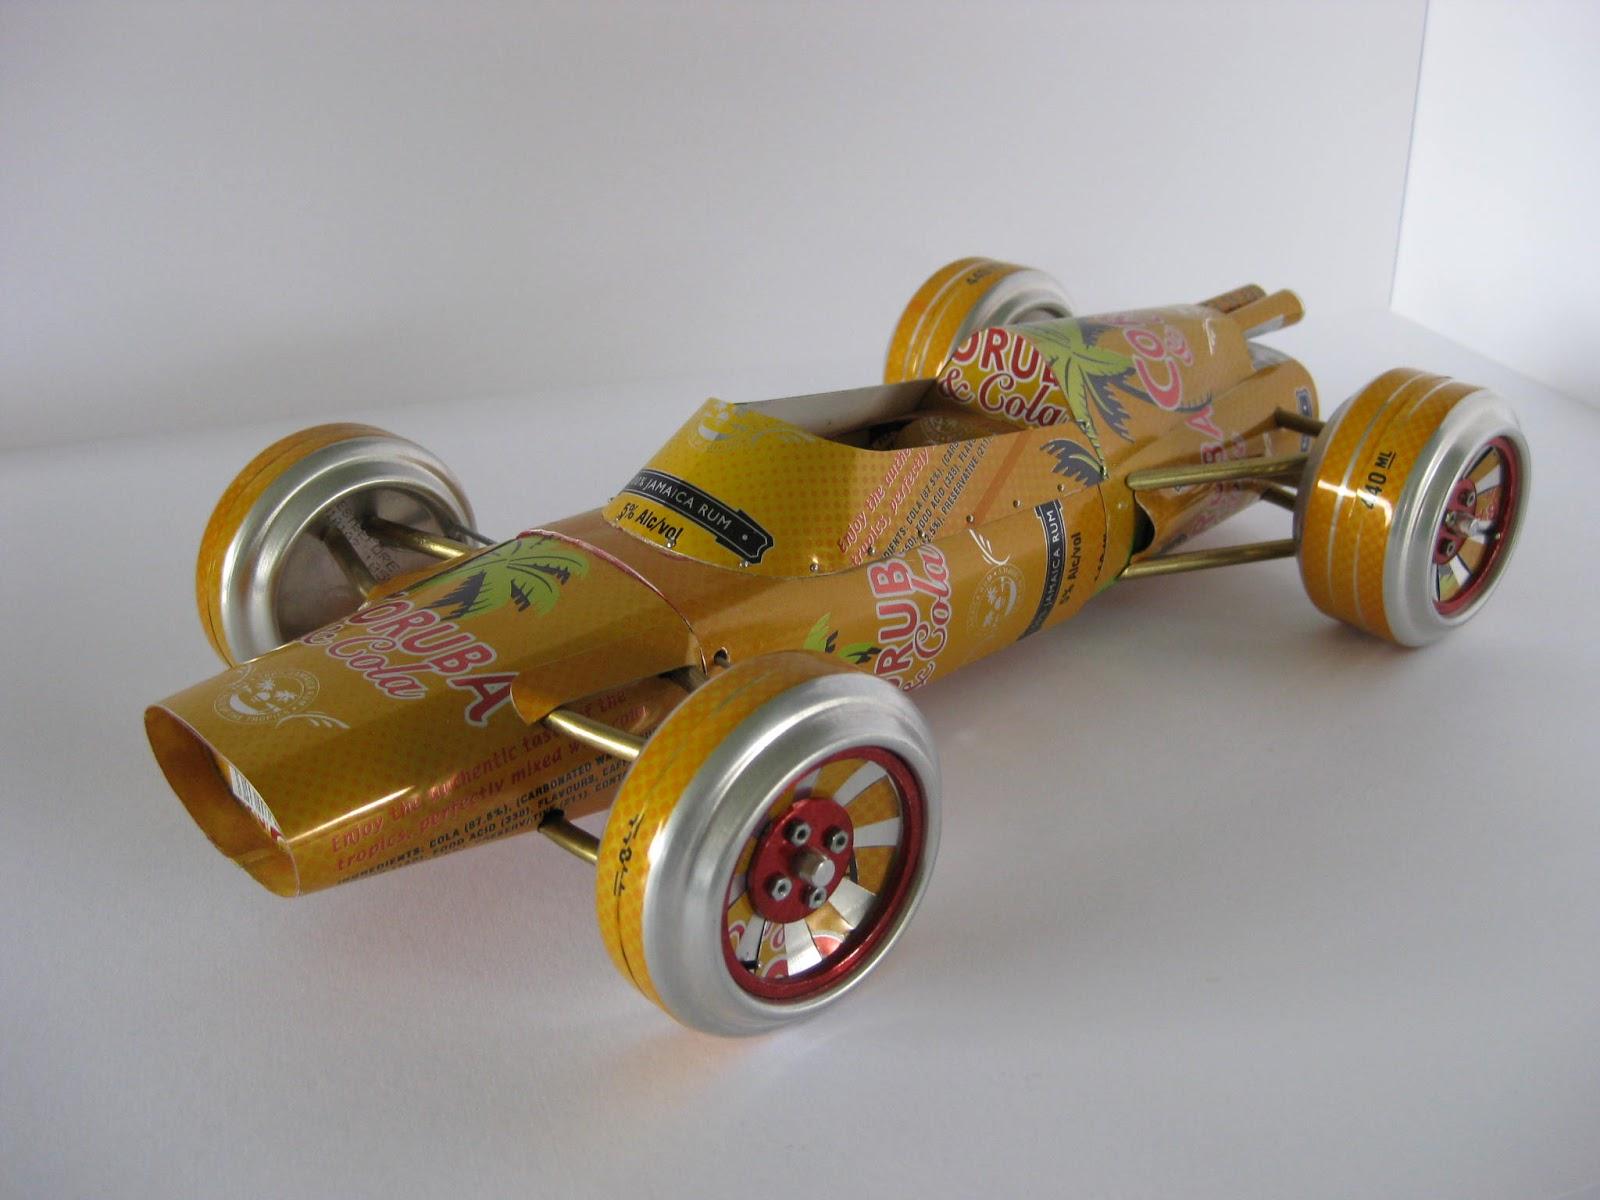 Autos de coleccion a partir de latas de aluminio   .